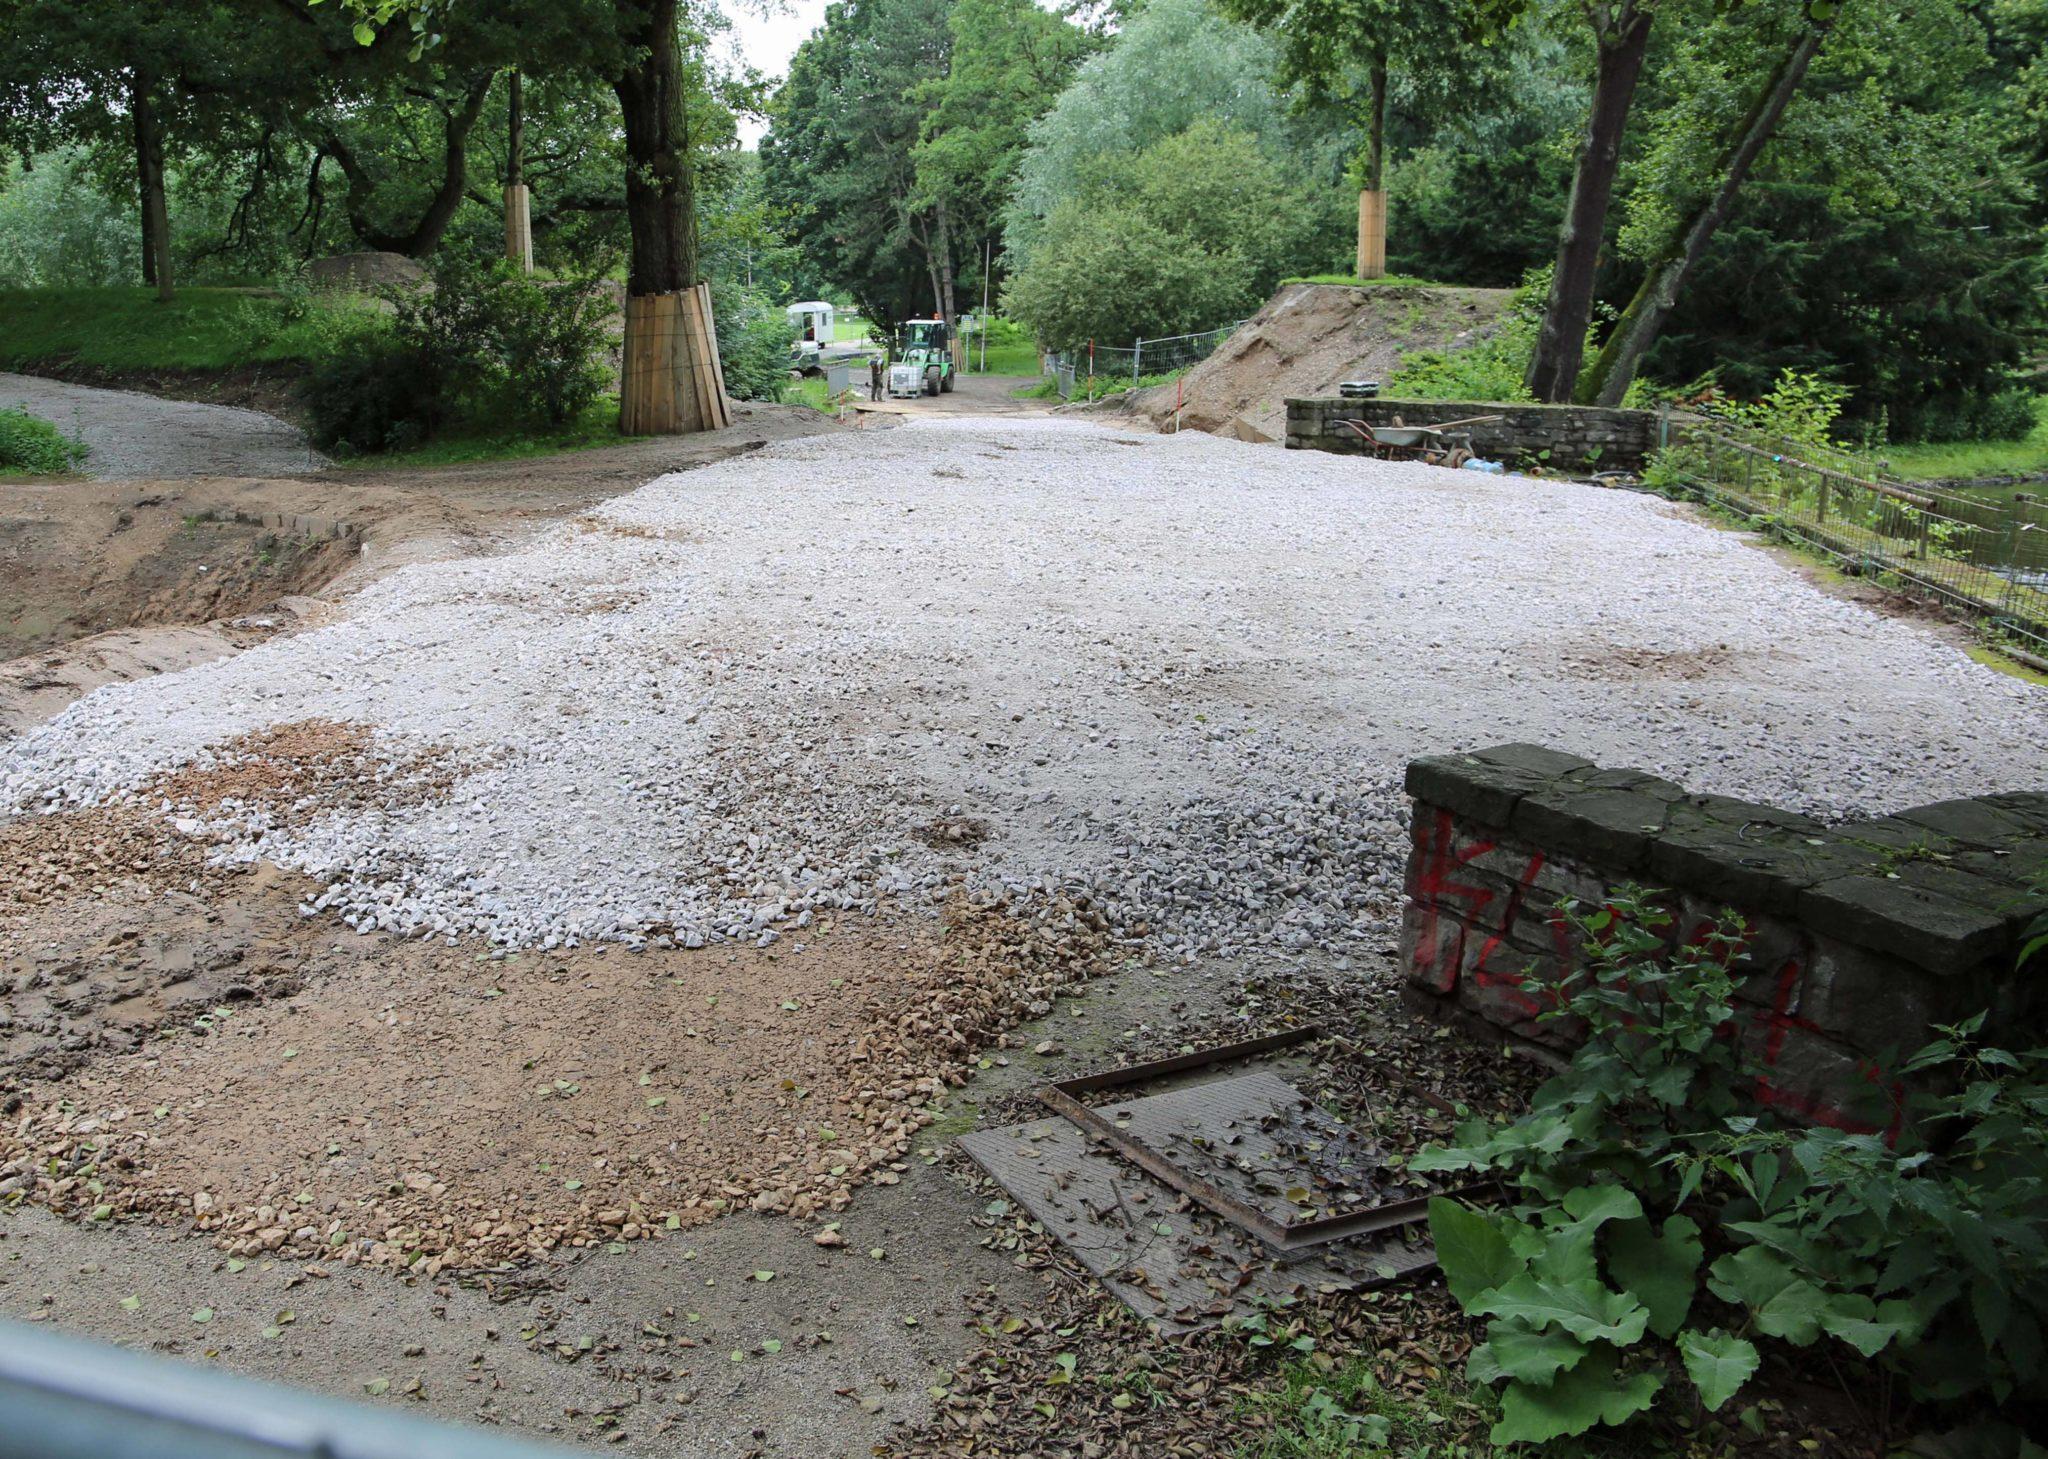 Die Wasserfontänen kehren zurück - Arbeiten im Park sind zurzeit 'verlagert'